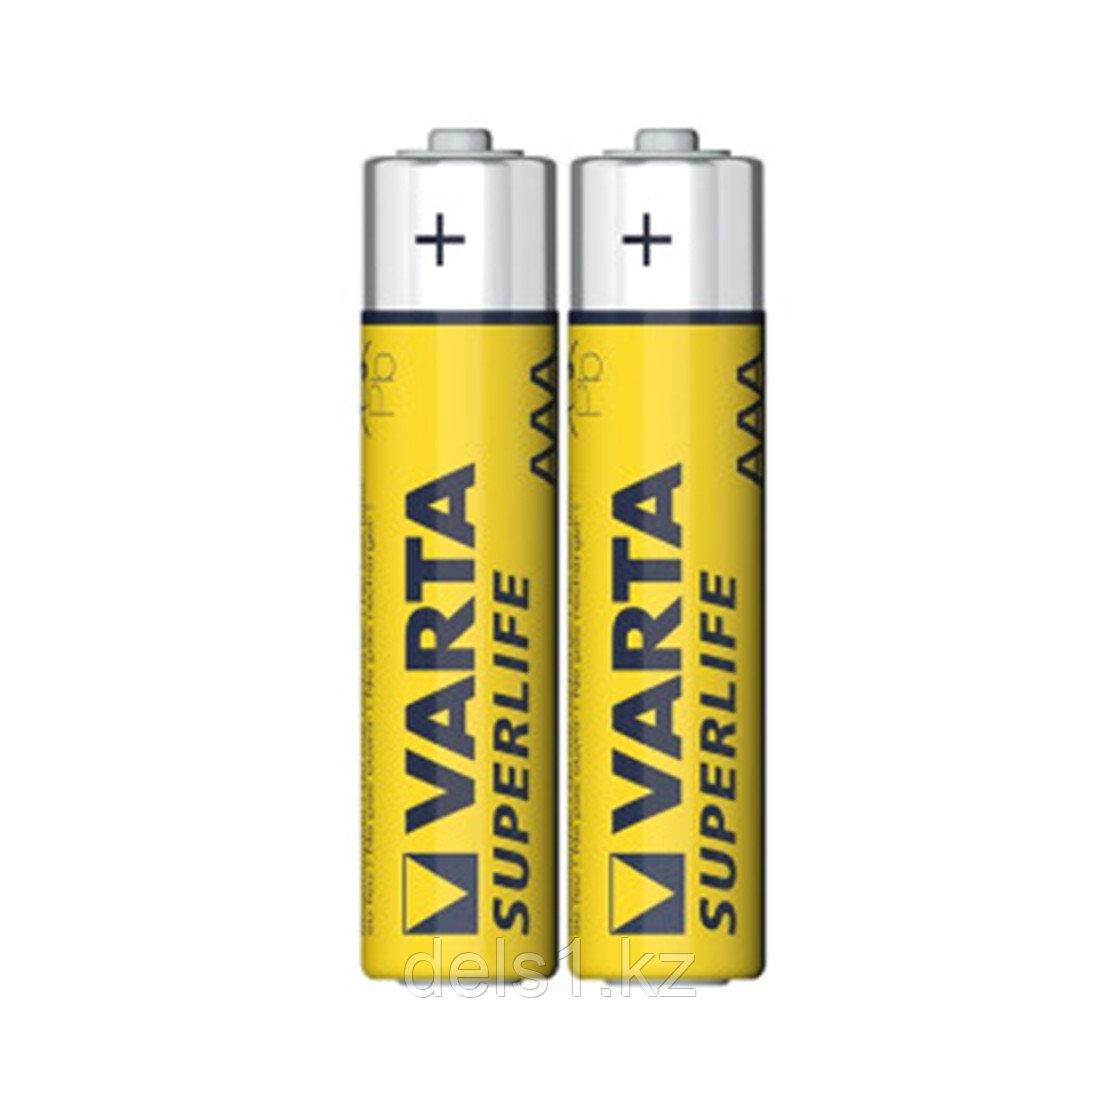 Батарейка, VARTA, R03P Superlife, AAA, 1.5 V, 2 шт., в пленке